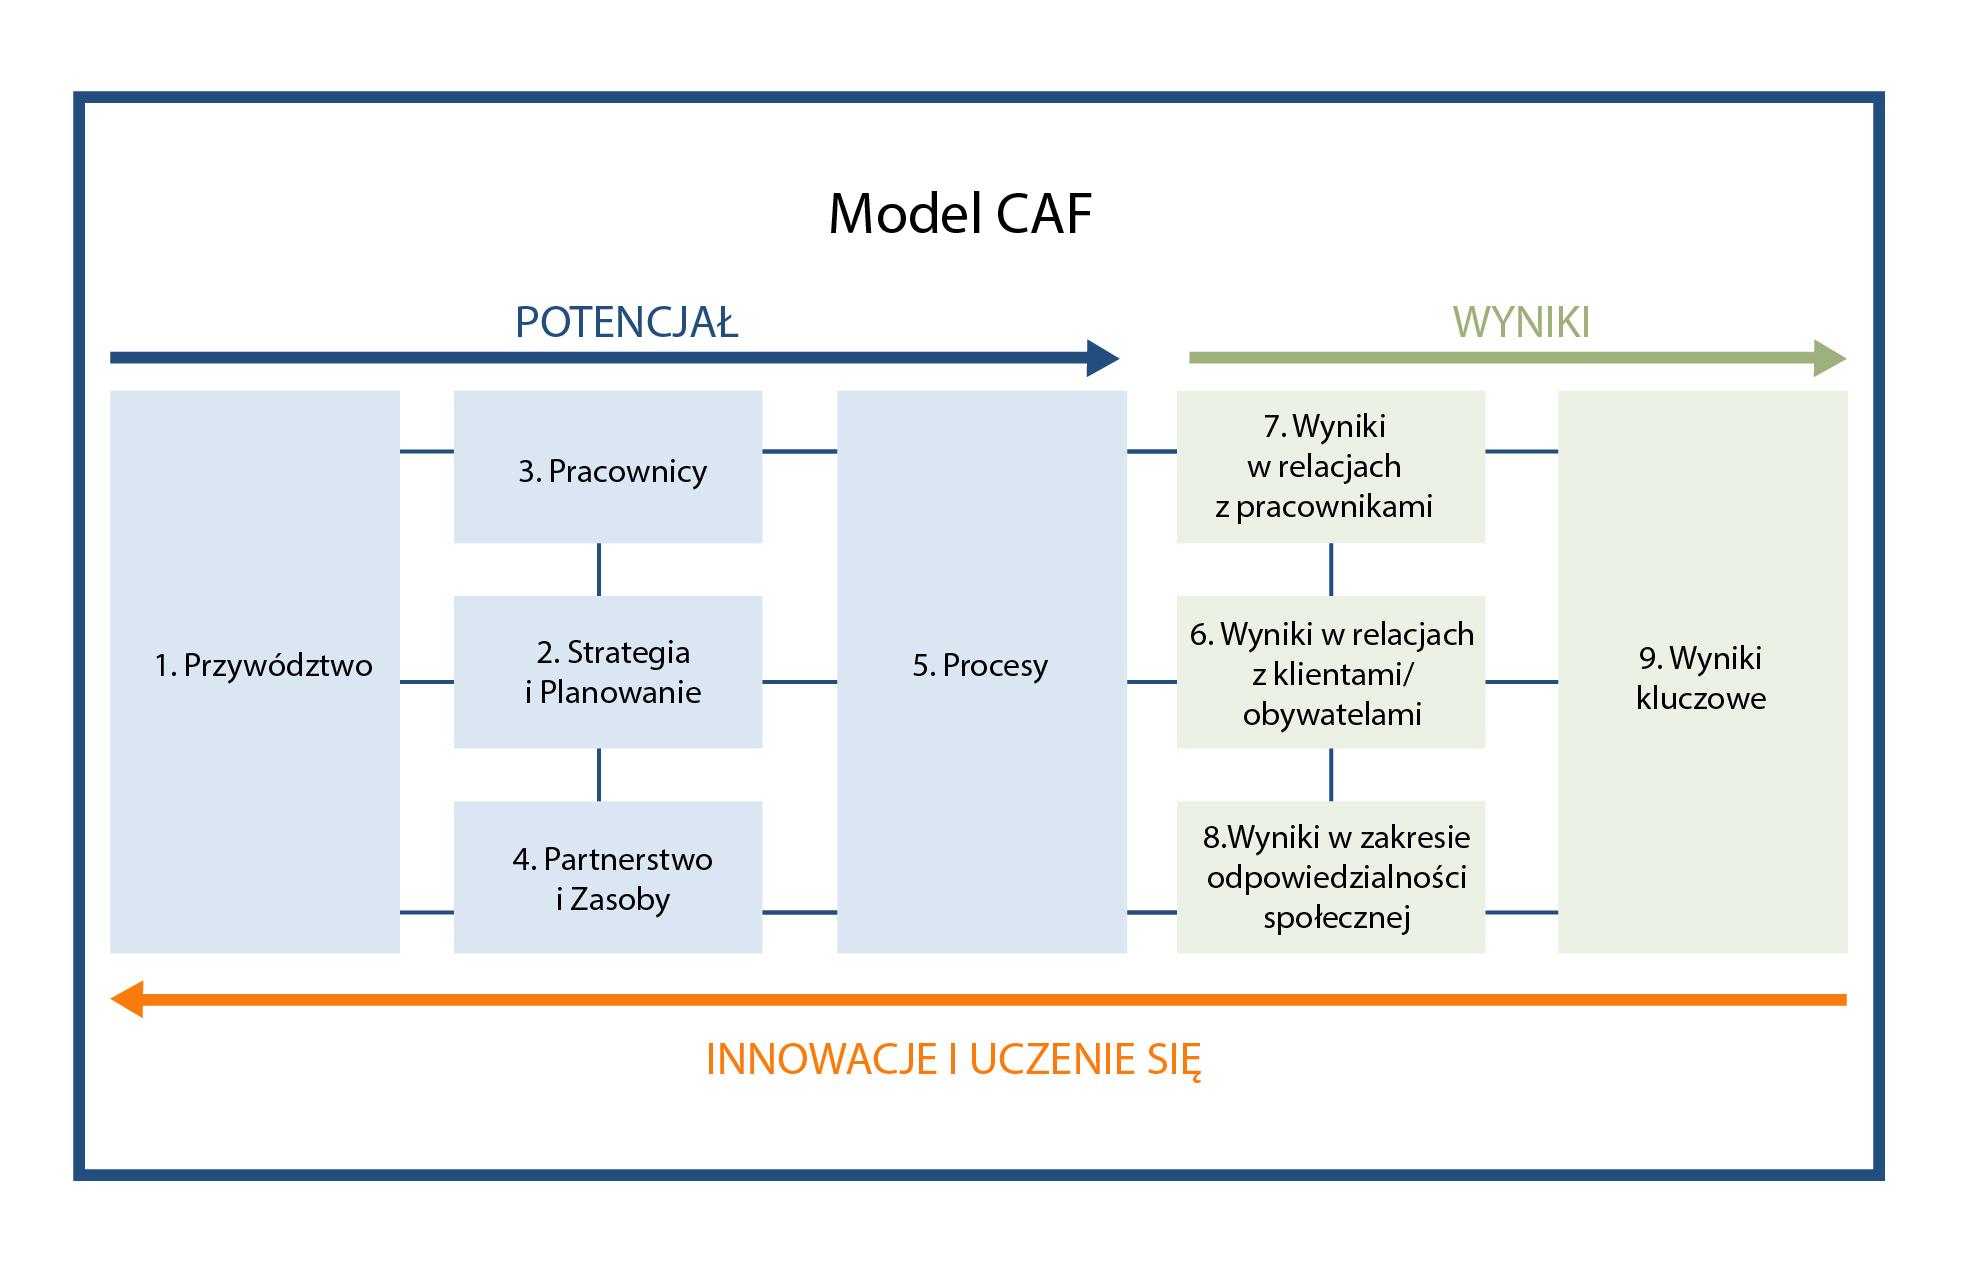 Rysunek przedstawia kryteria w połączonych ze sobą prostokątach. Wszystkie te elementy funkcjonowania organizacji oddziaływują na siebie. Włączenie wniosków z oceny Potencjału i Wyników w praktyki zarządcze to ciągły cykl innowacji i uczenia się. Strzałki nad i pod diagramem pokazują współzależności.